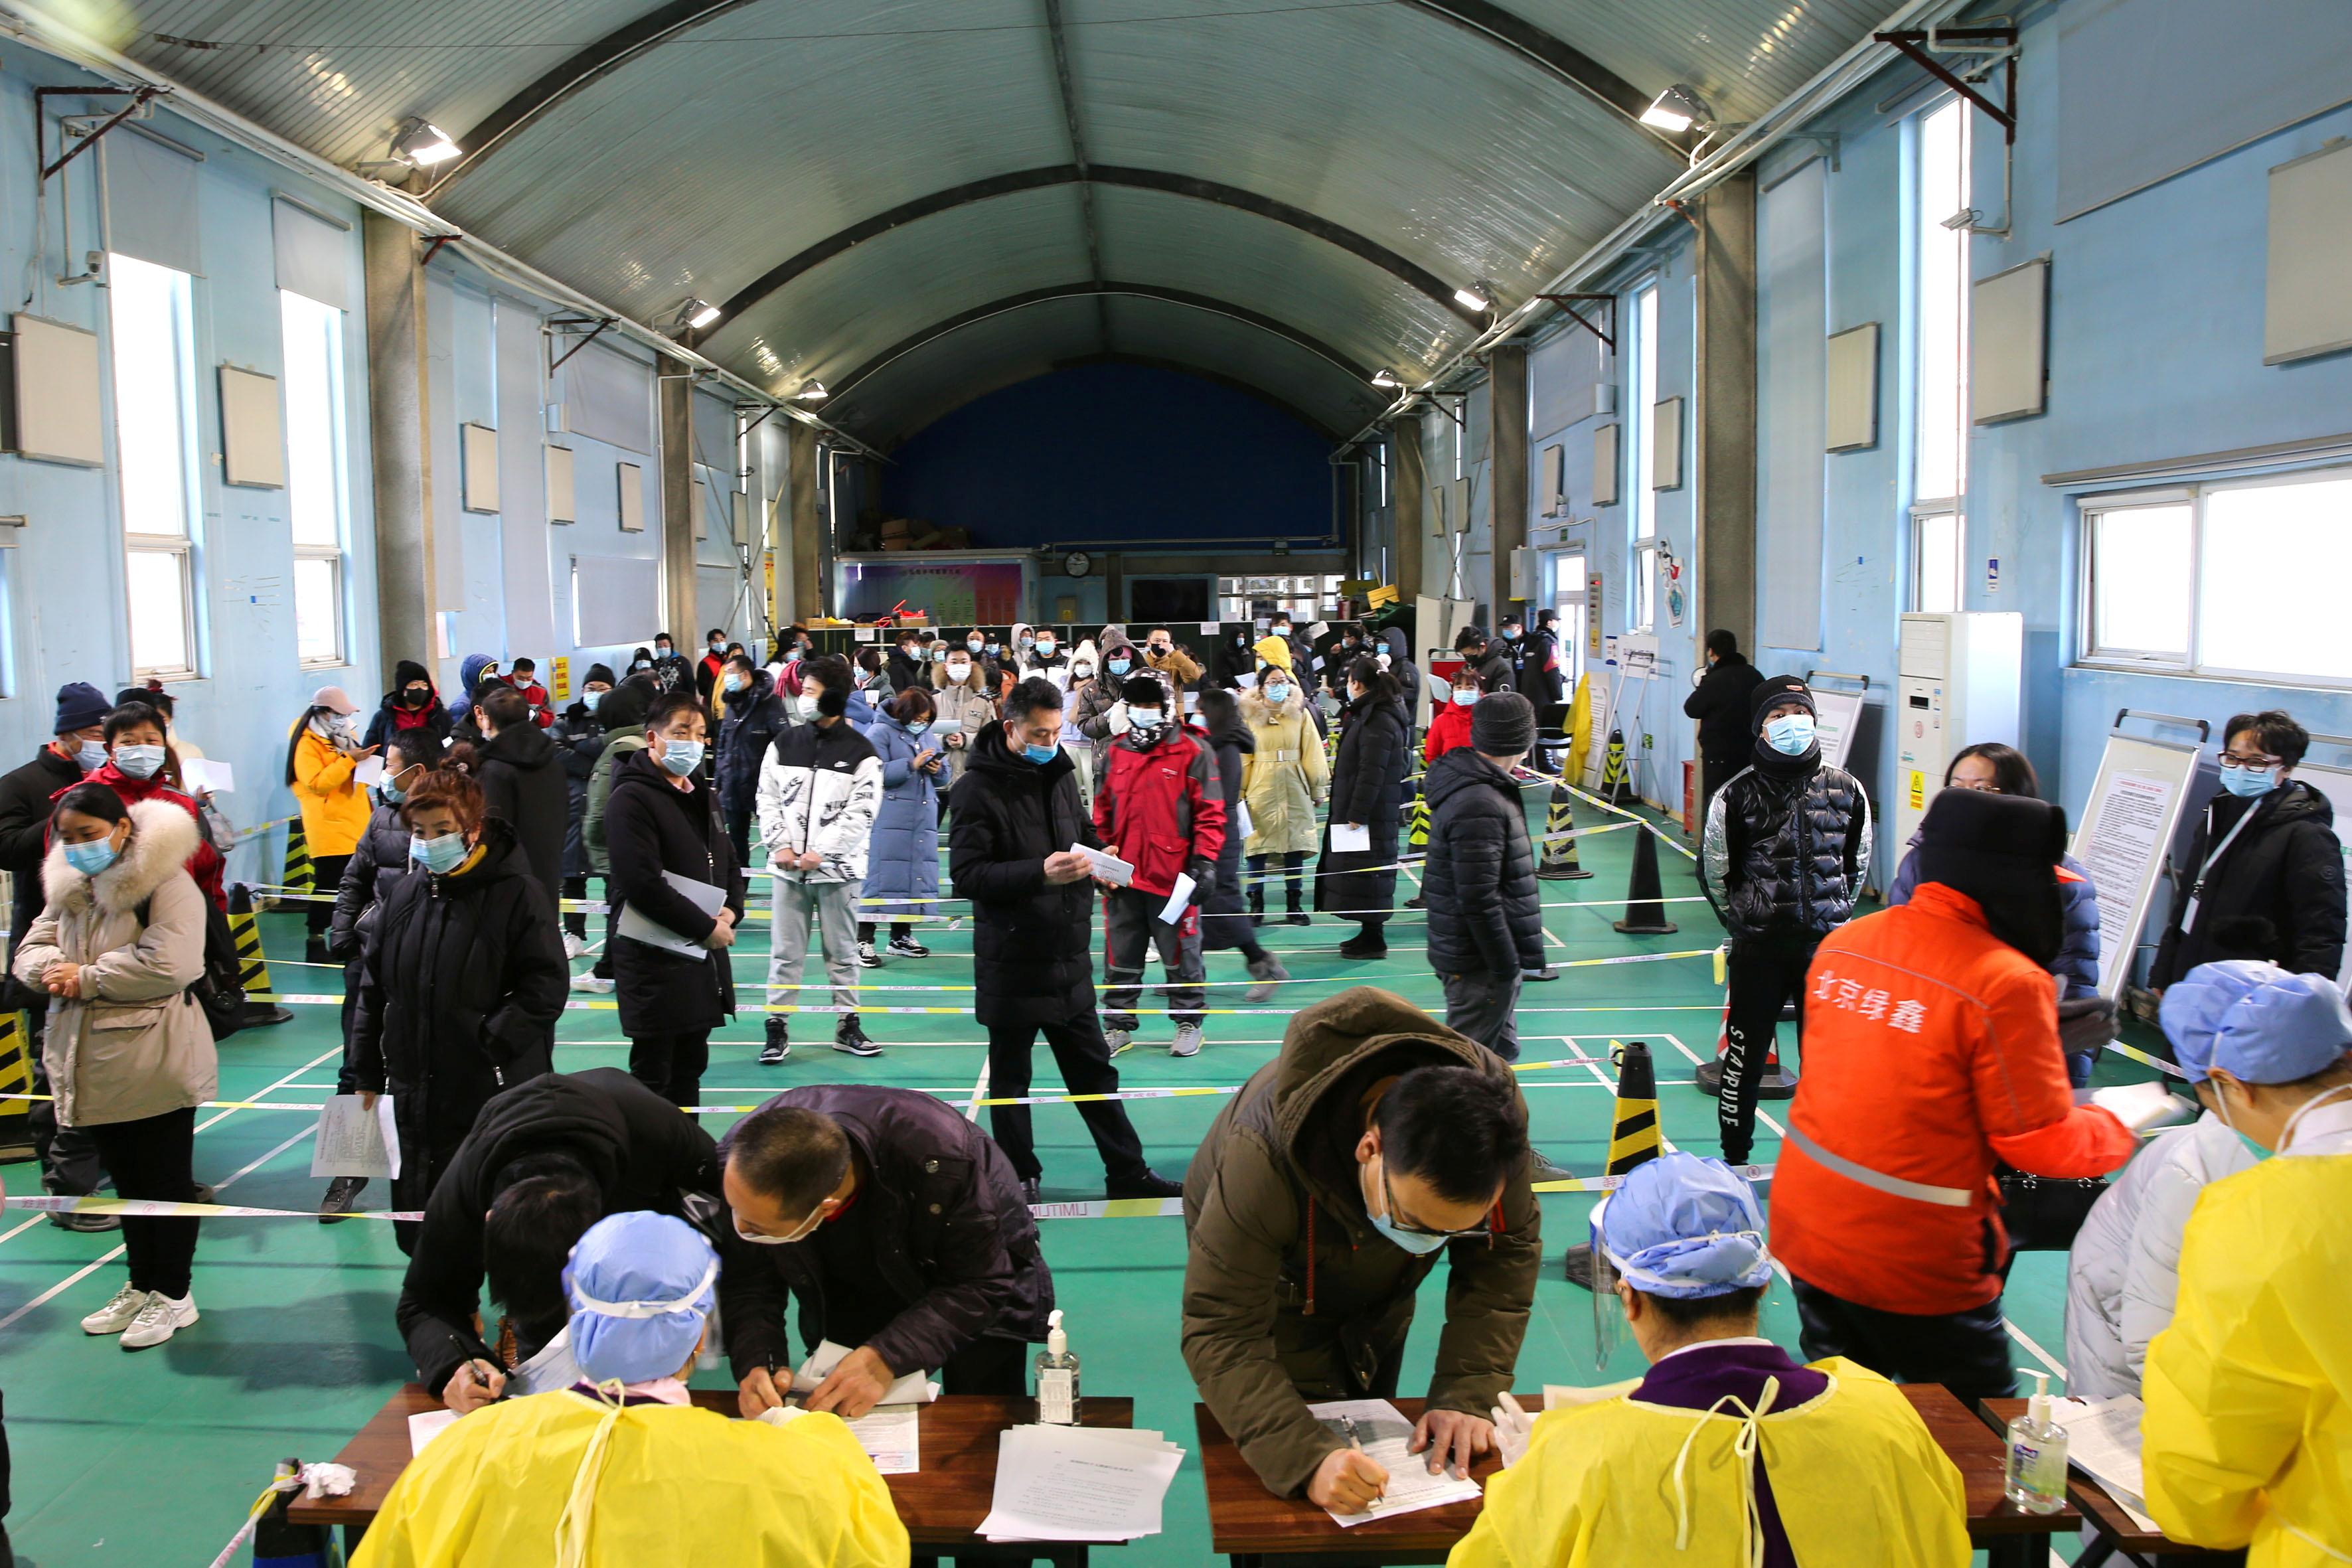 Um centro esportivo no distrito de Haidian, Pequim, China